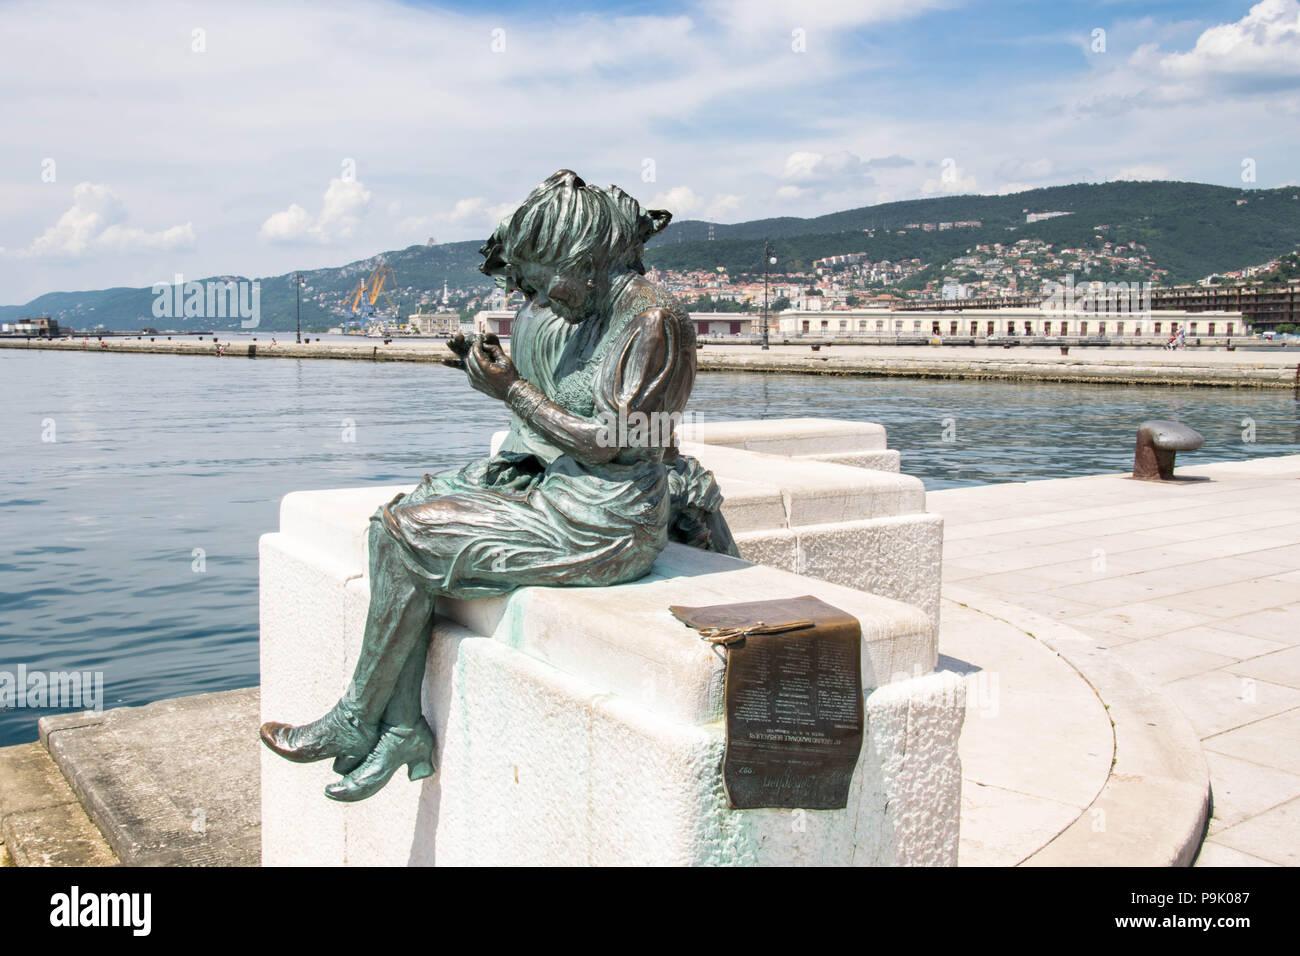 L'Europa, Italia, Trieste - Una delle figure di Scala Reale monumento a Trieste, vicino al Molo Audace. Foto Stock